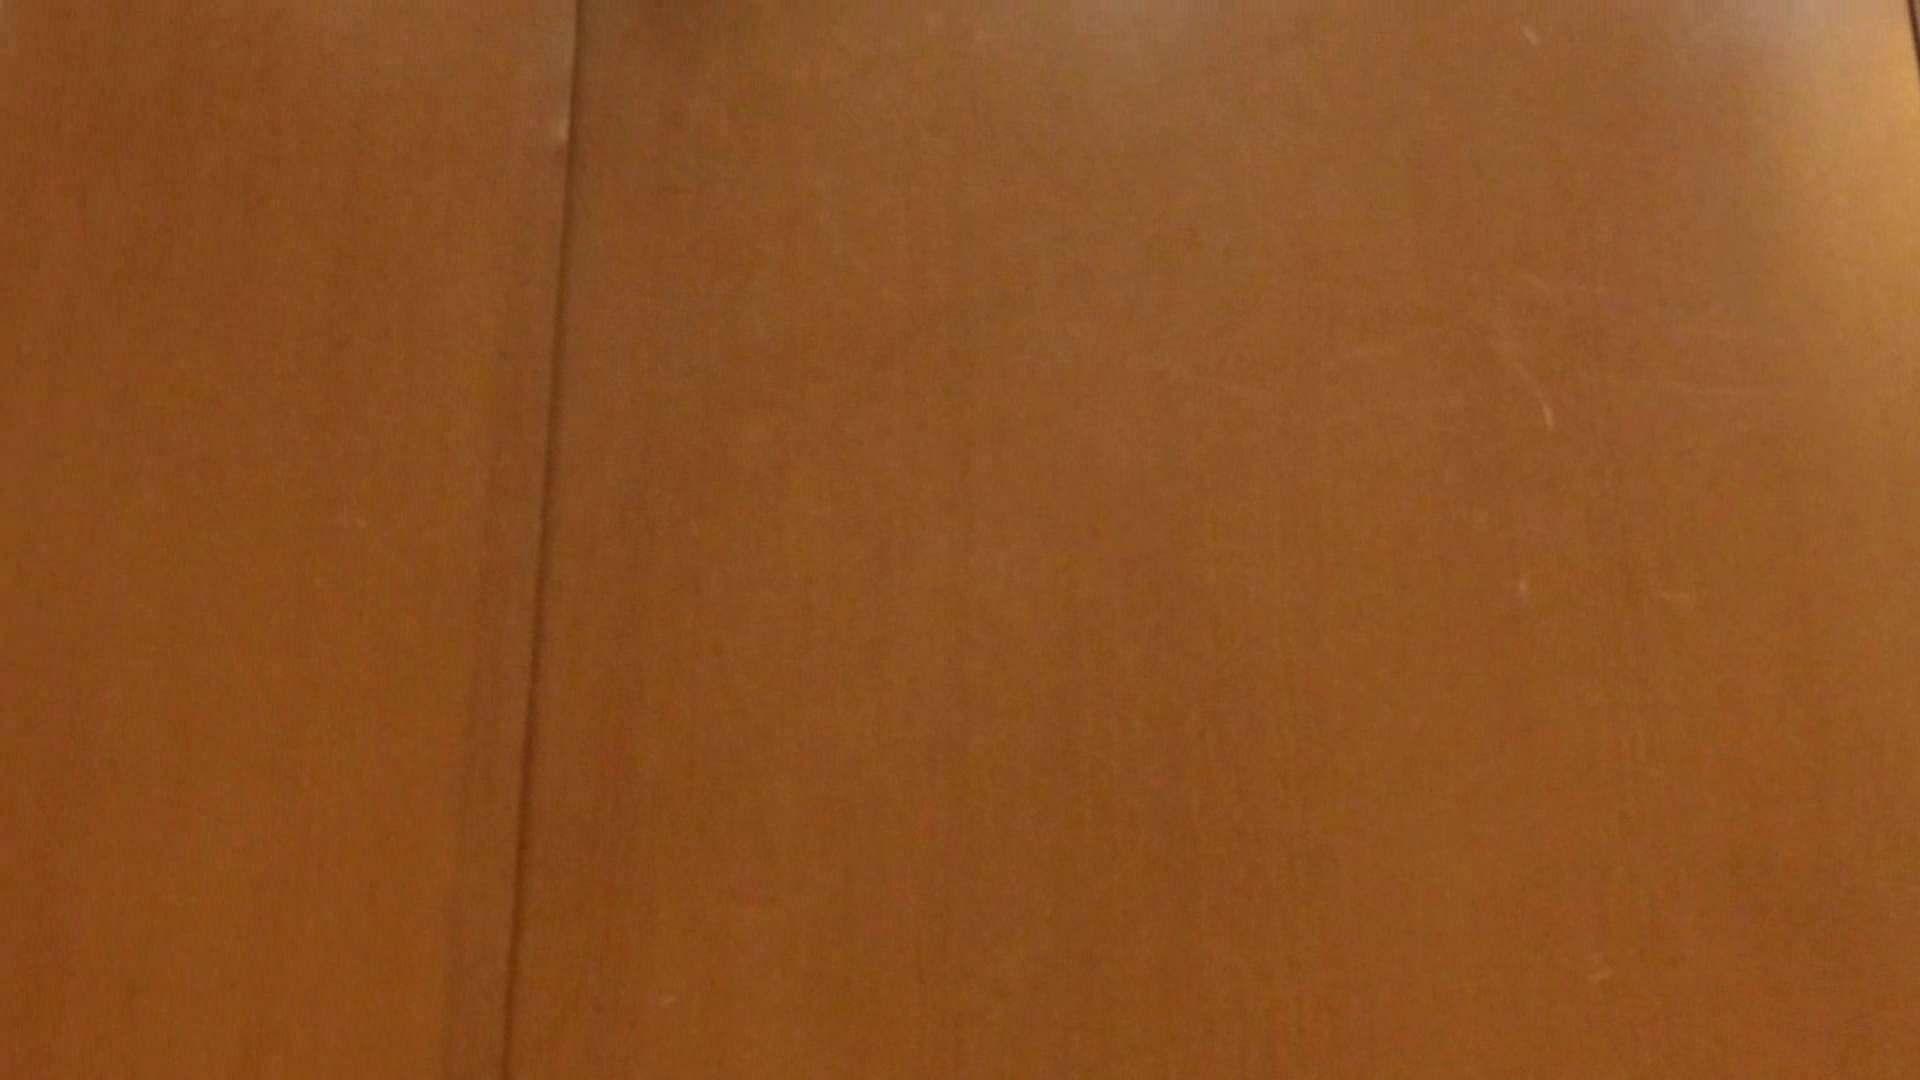 「噂」の国の厠観察日記2 Vol.01 美しいOLの裸体  102pic 81